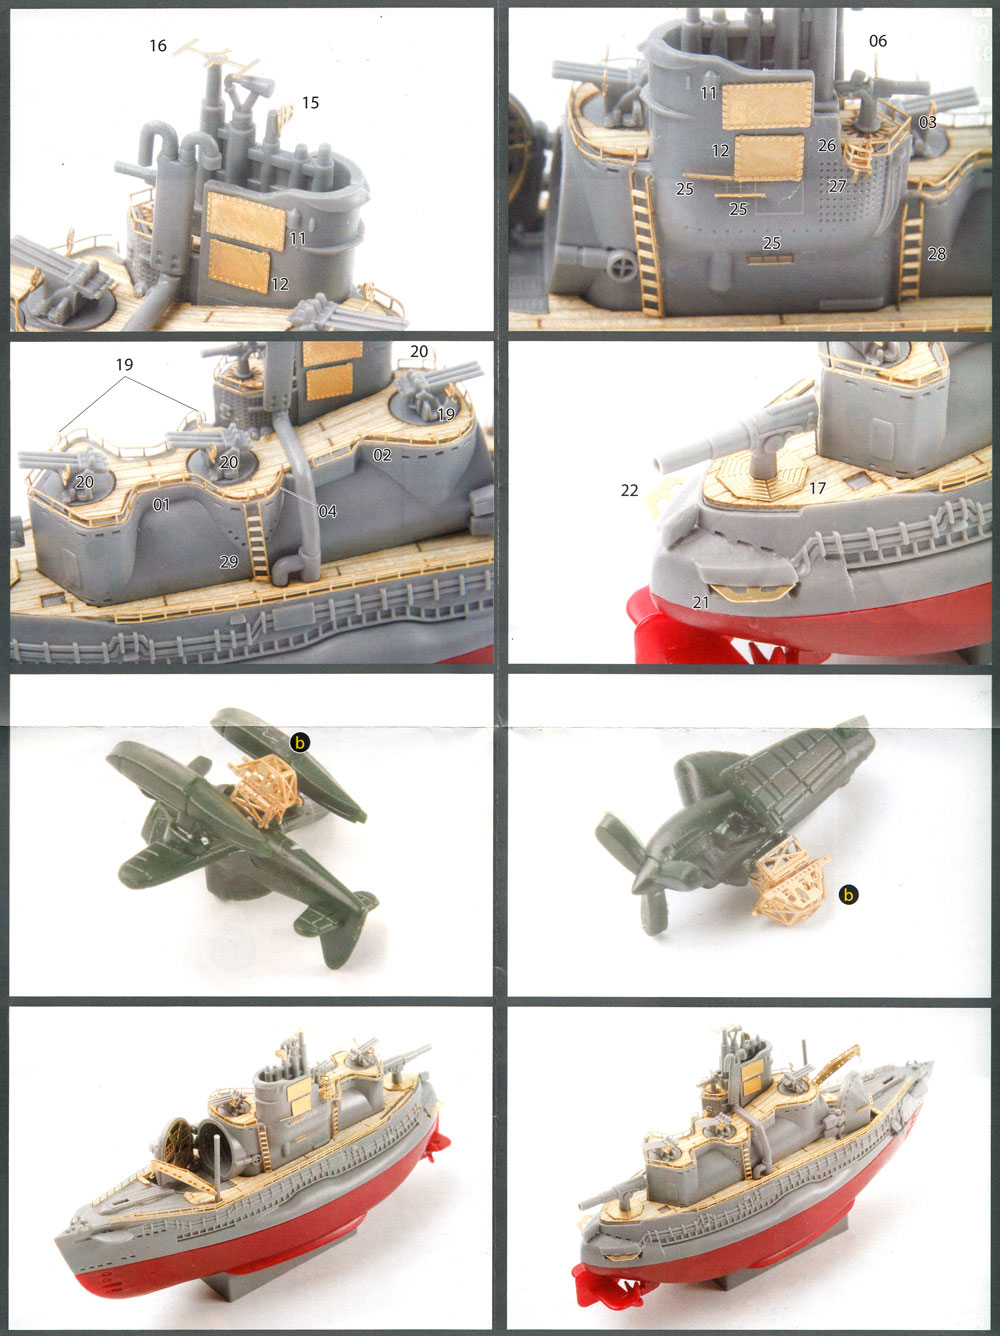 ちび丸 伊400型潜水艦 純正エッチングパーツ & 木甲板シールエッチング(フジミちび丸グレードアップパーツNo.ちび丸Gup-025)商品画像_3